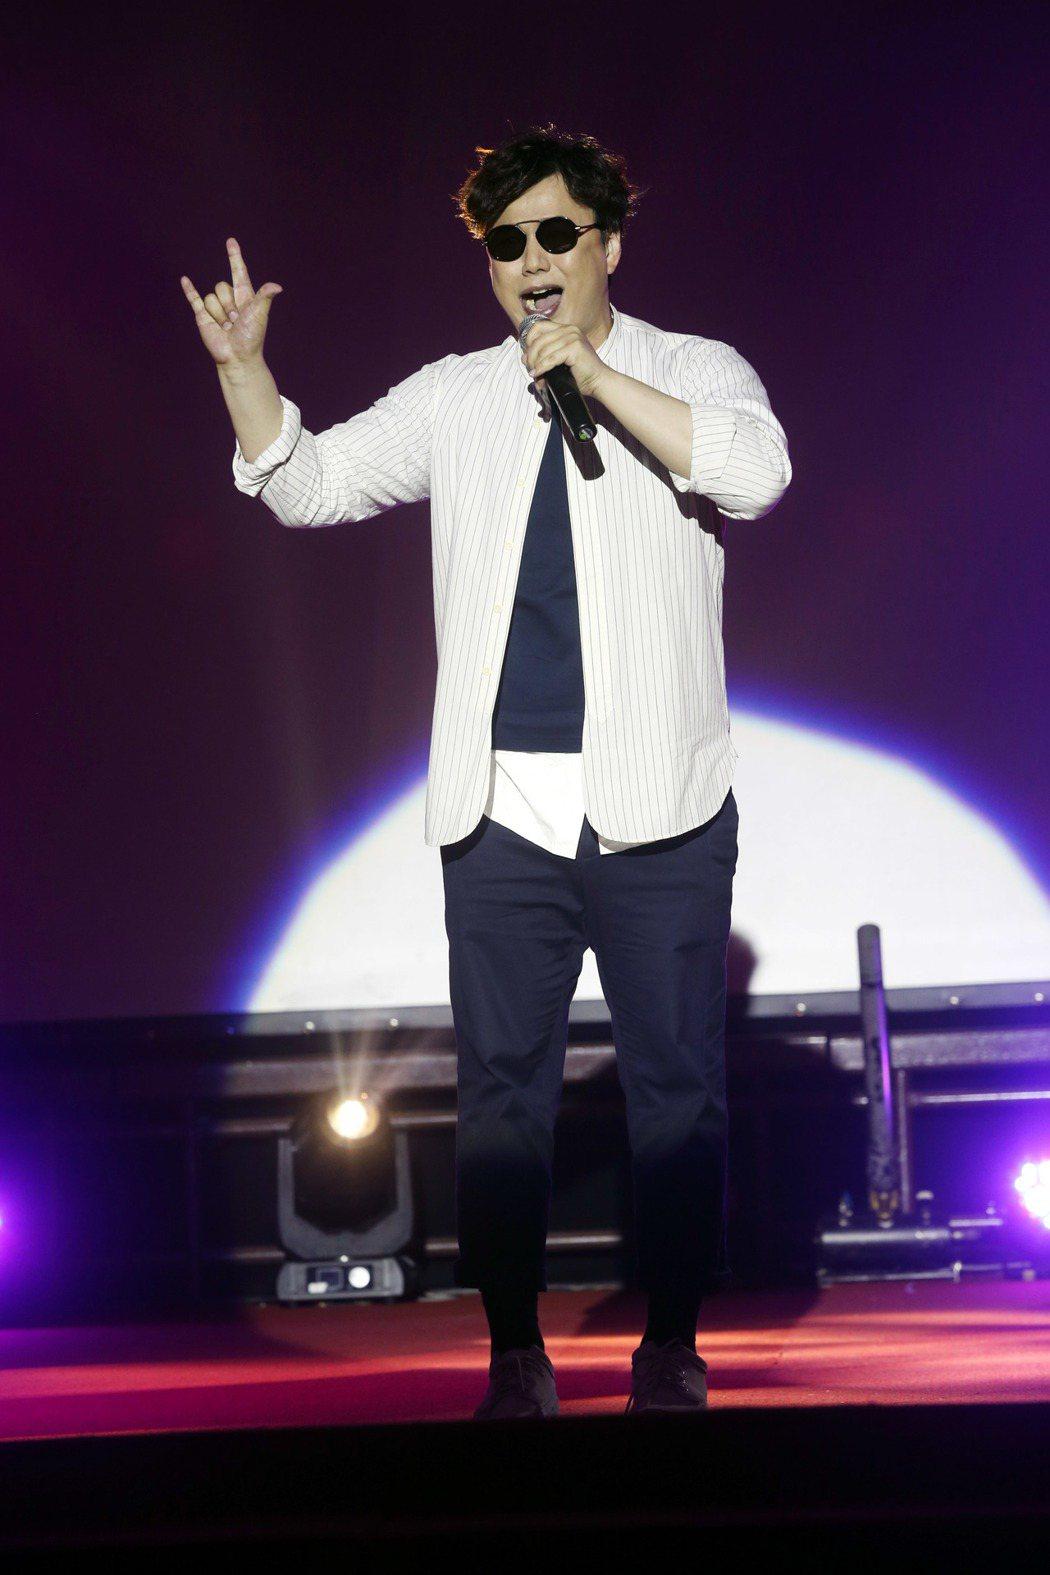 蕭煌奇在台北榮總慶祝演唱你是我的眼向護理人員致敬。記者邱德祥/攝影